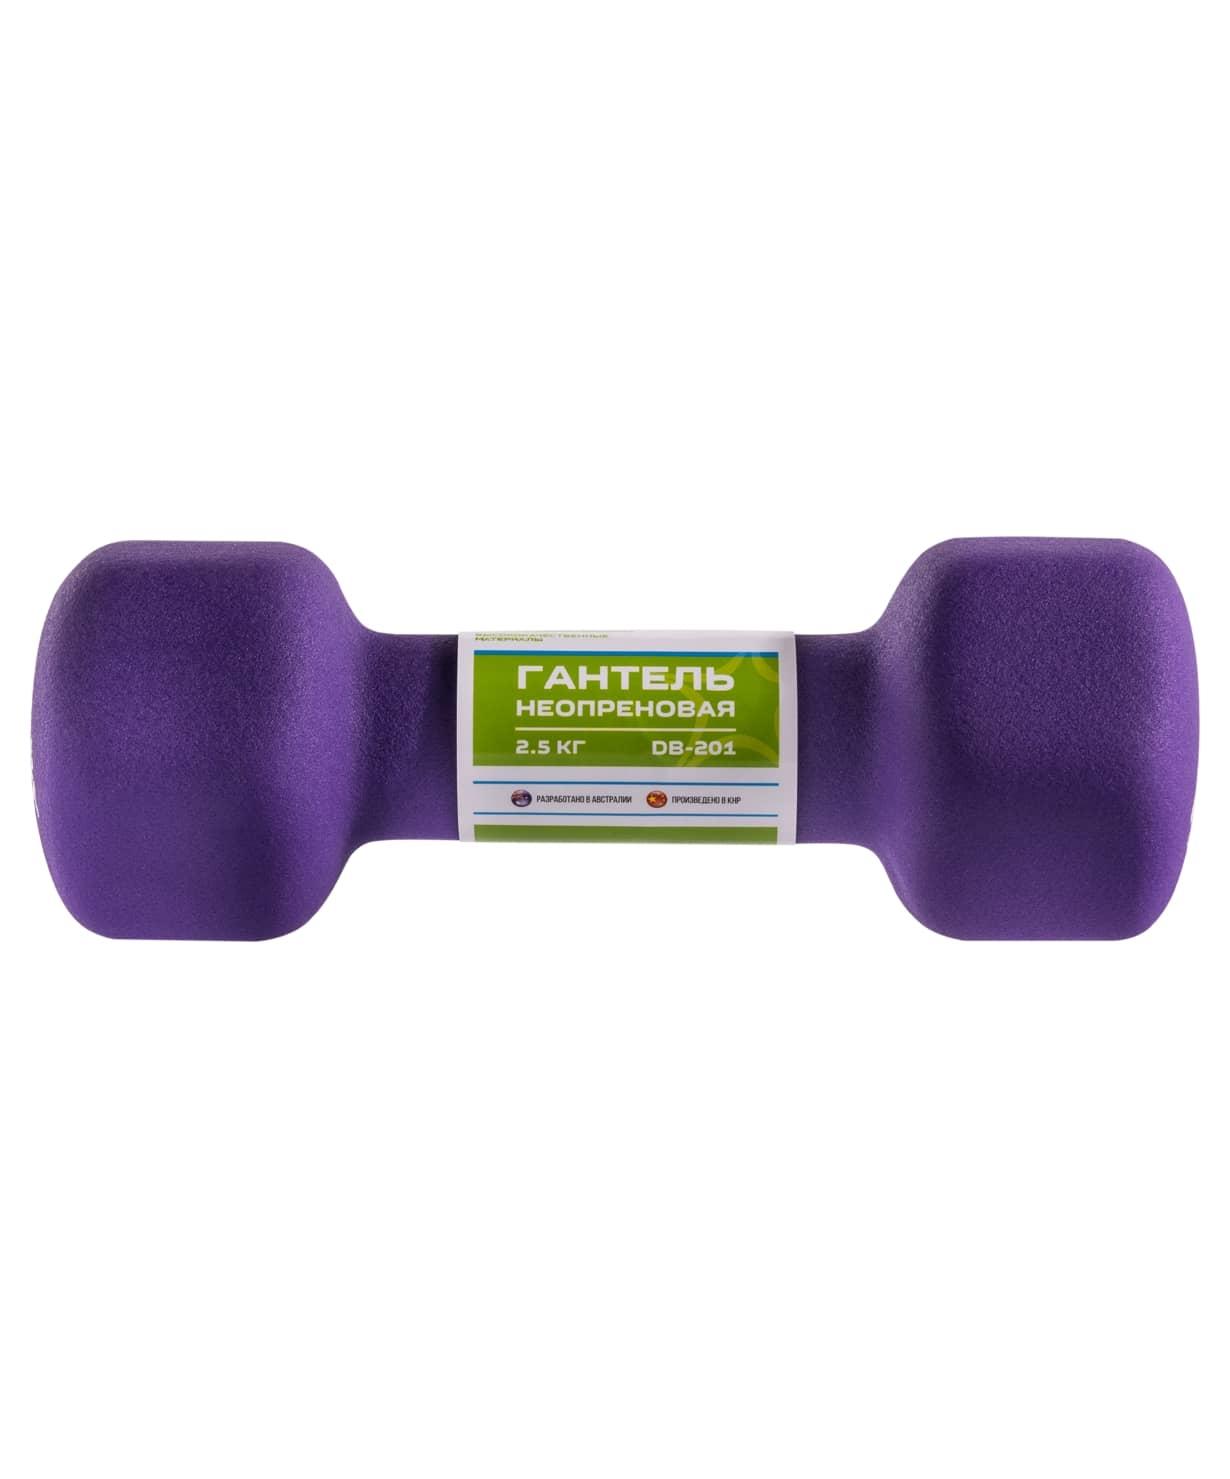 Гантель неопреновая DB-201 2,5 кг, фиолетовая